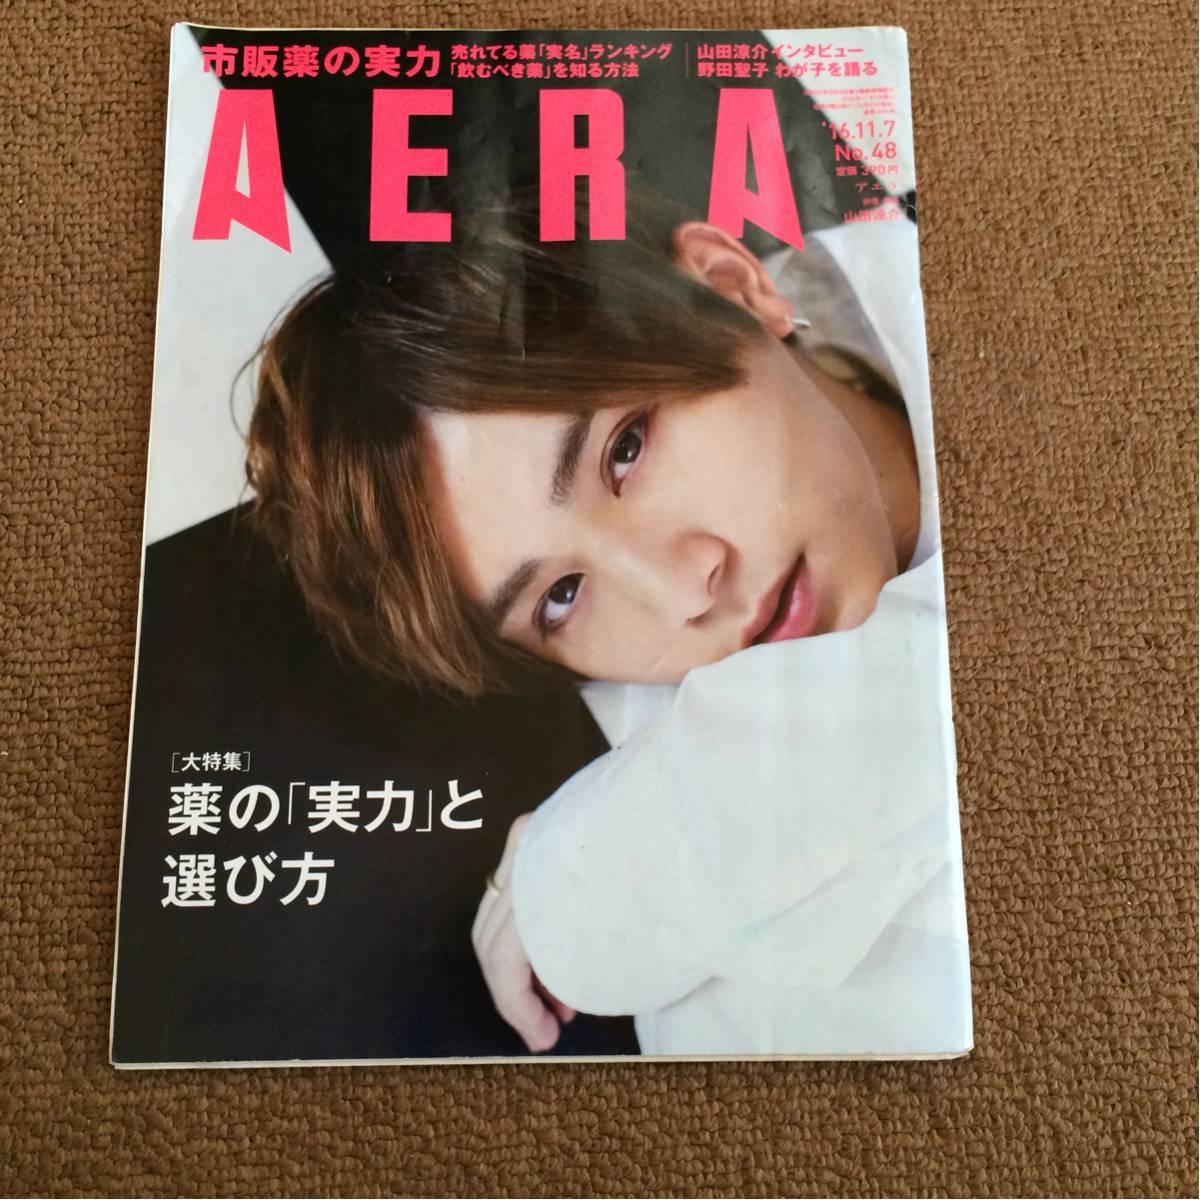 除籍図書 AERA2016.11.7 山田涼介インタビュー